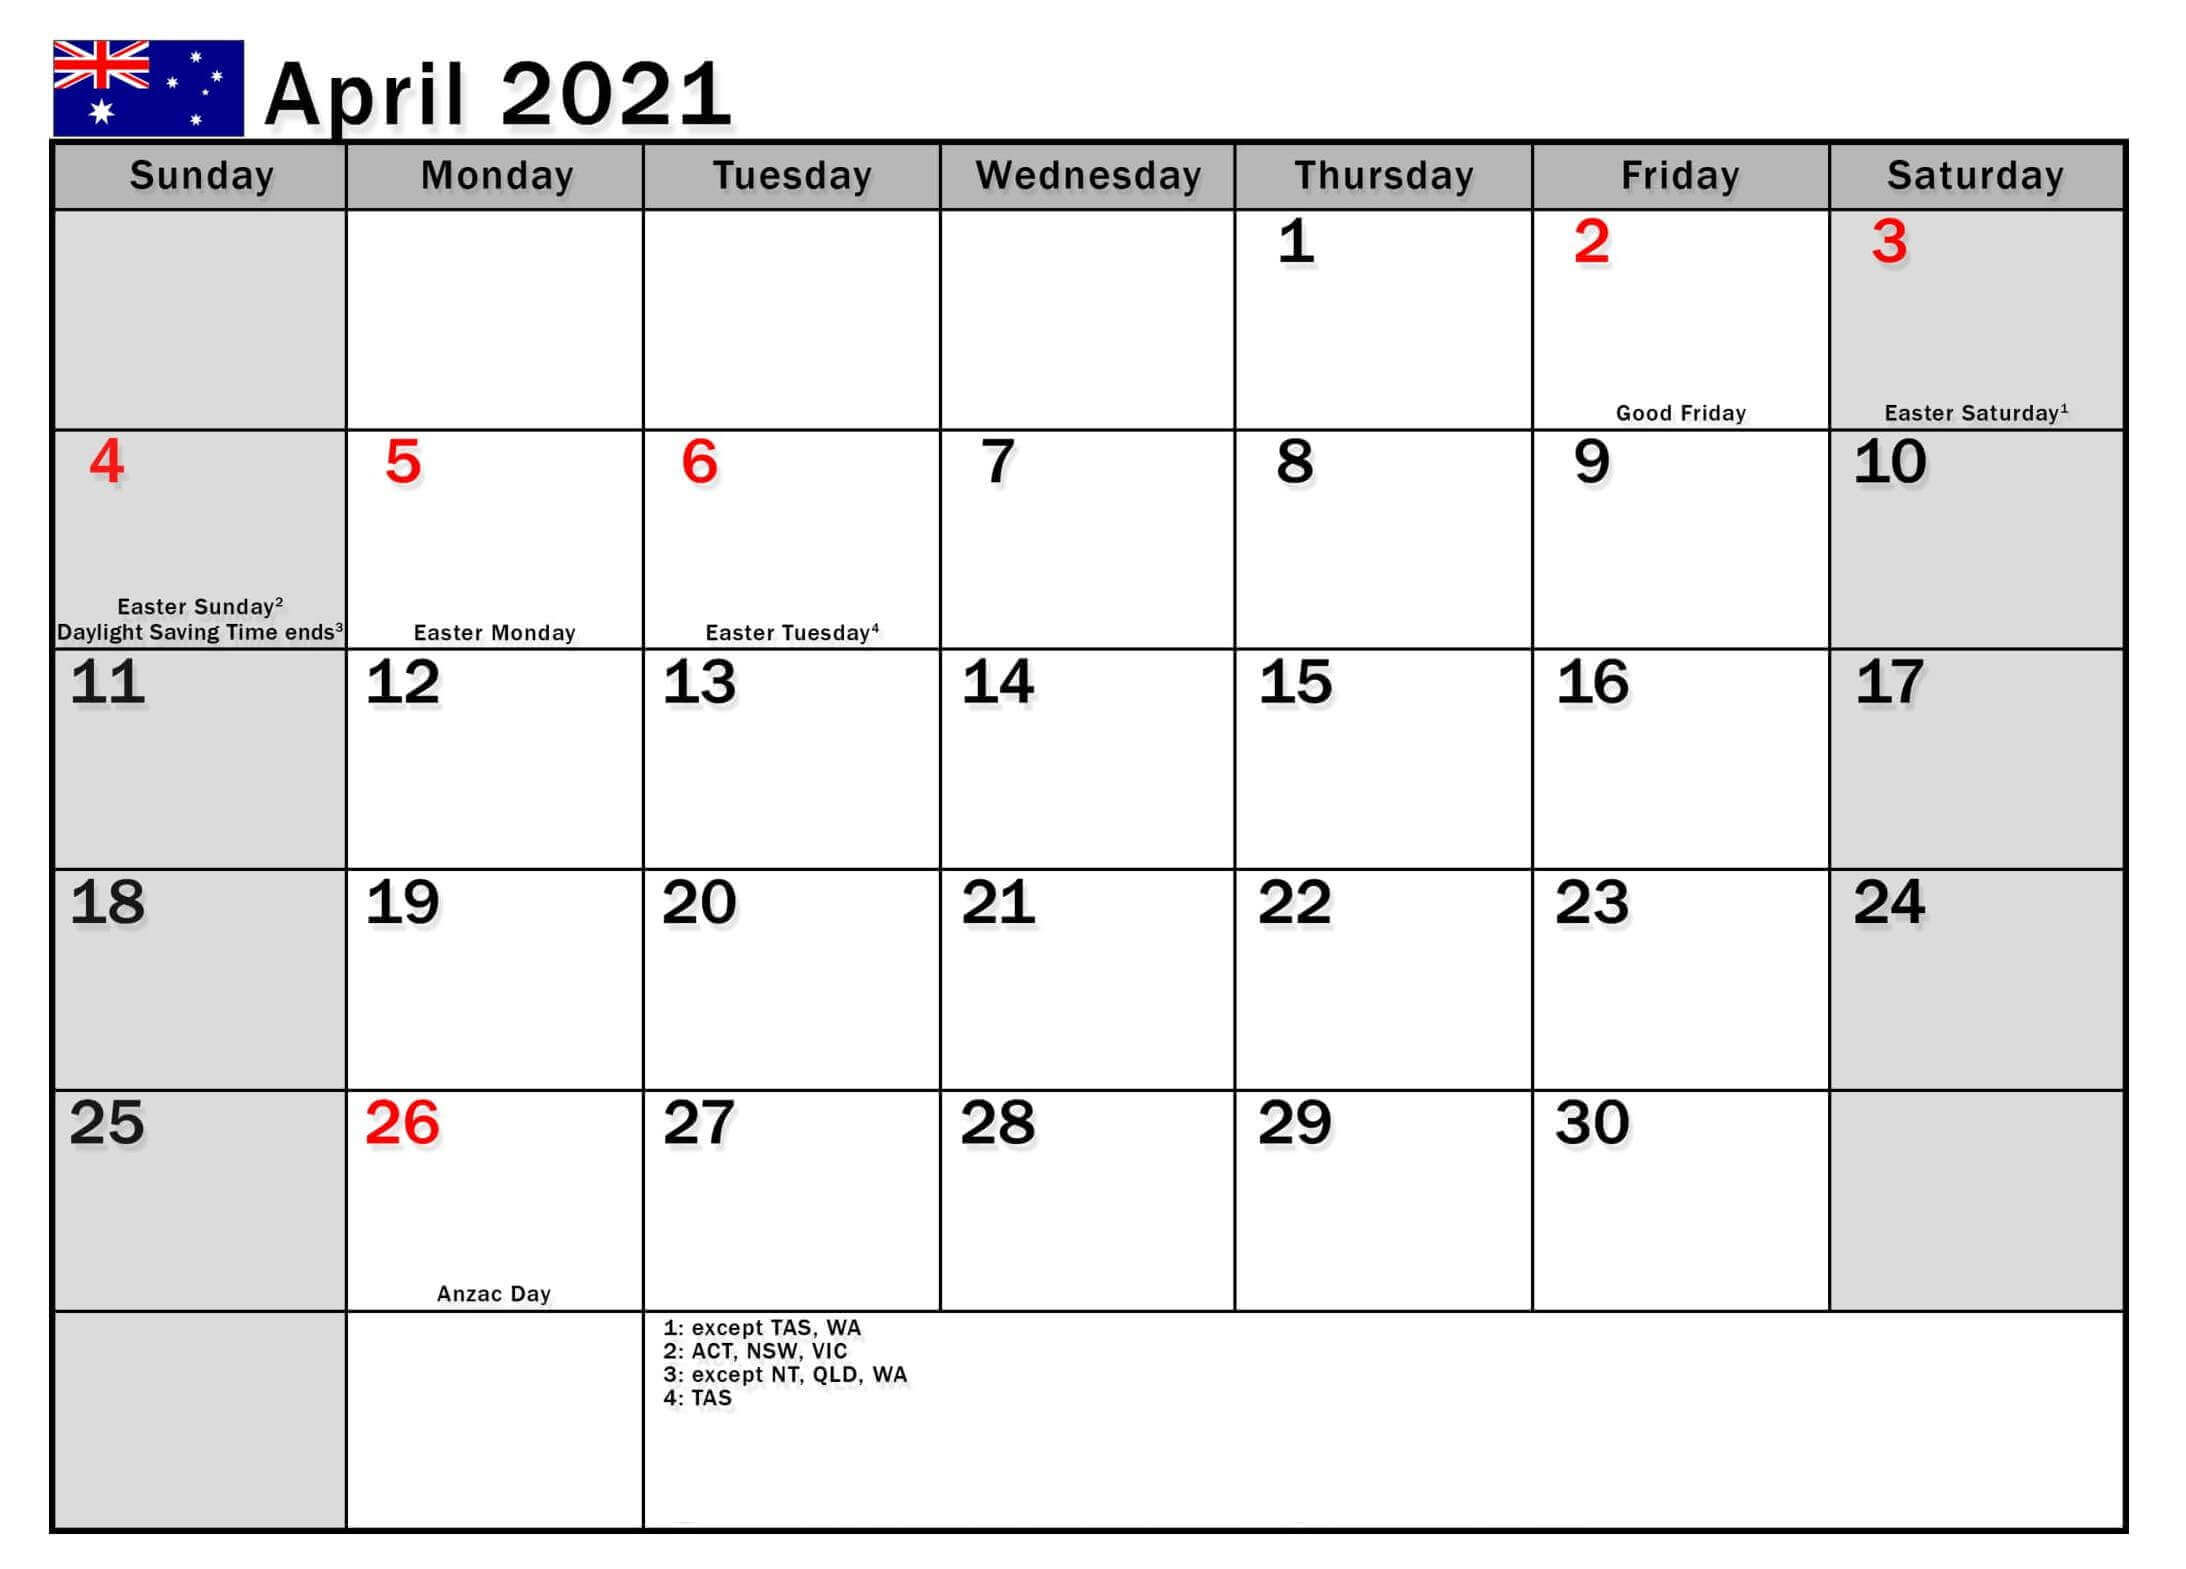 April 2021 Australiya Holidays Calendar